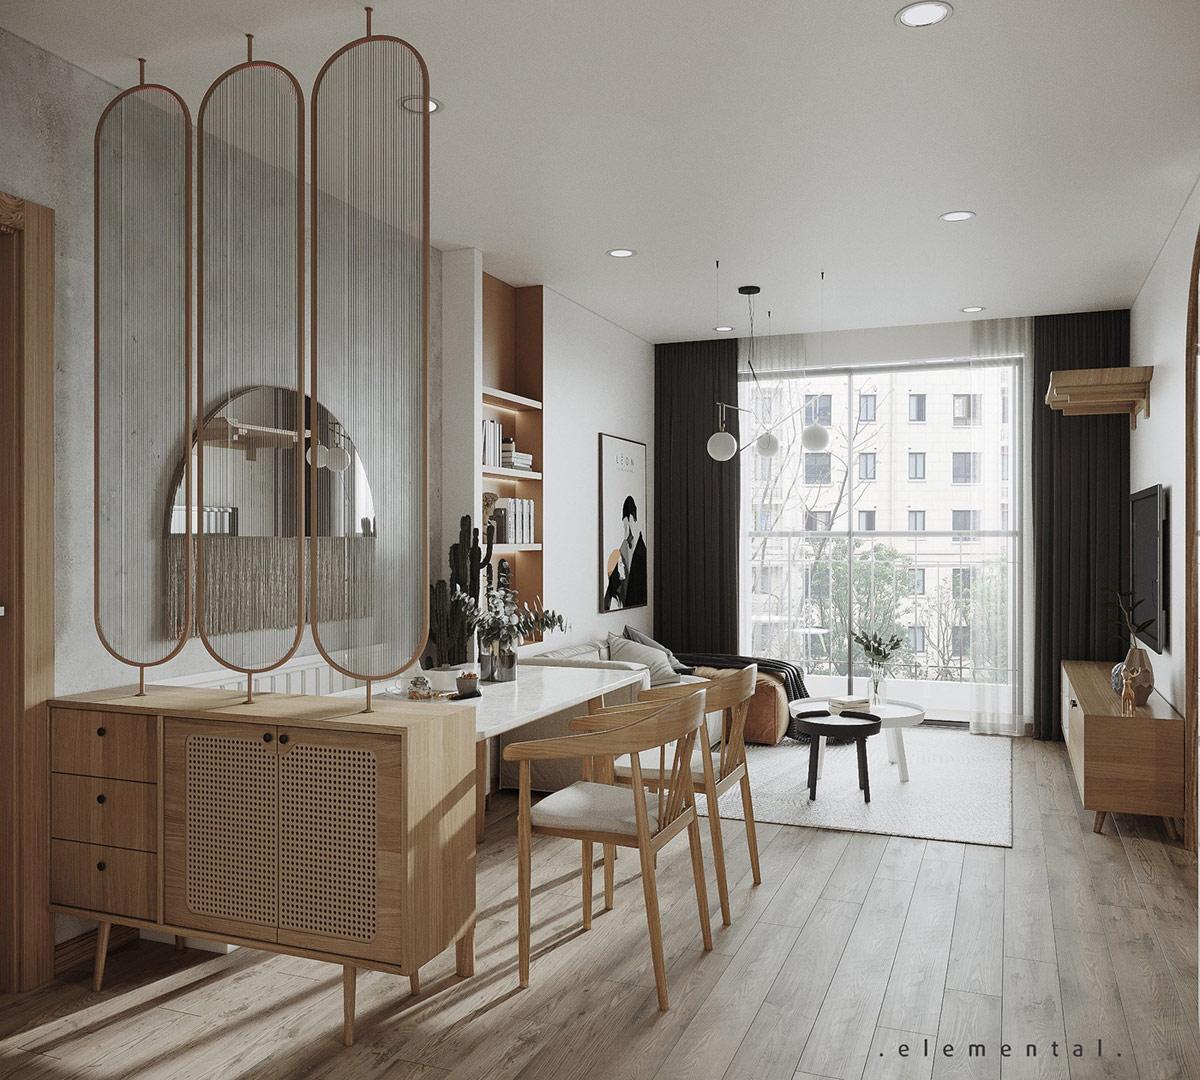 Tư vấn thiết kế căn hộ 69m² với phong cách tối giản trong khoảng chi phí 170 triệu đồng - ảnh 4